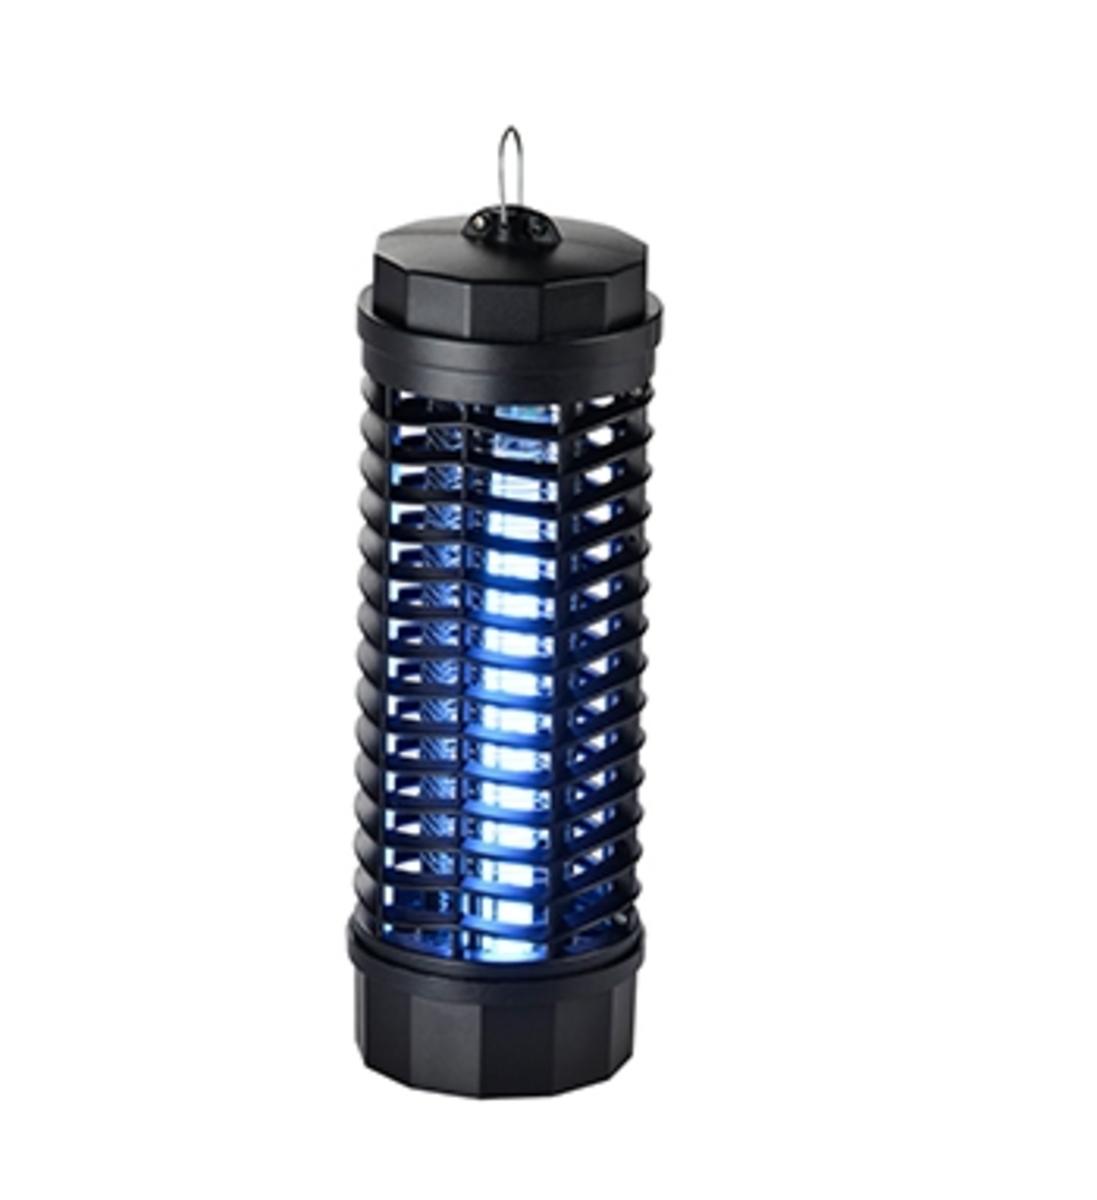 飛蛾飛蟻擊殺燈 (BS9002)